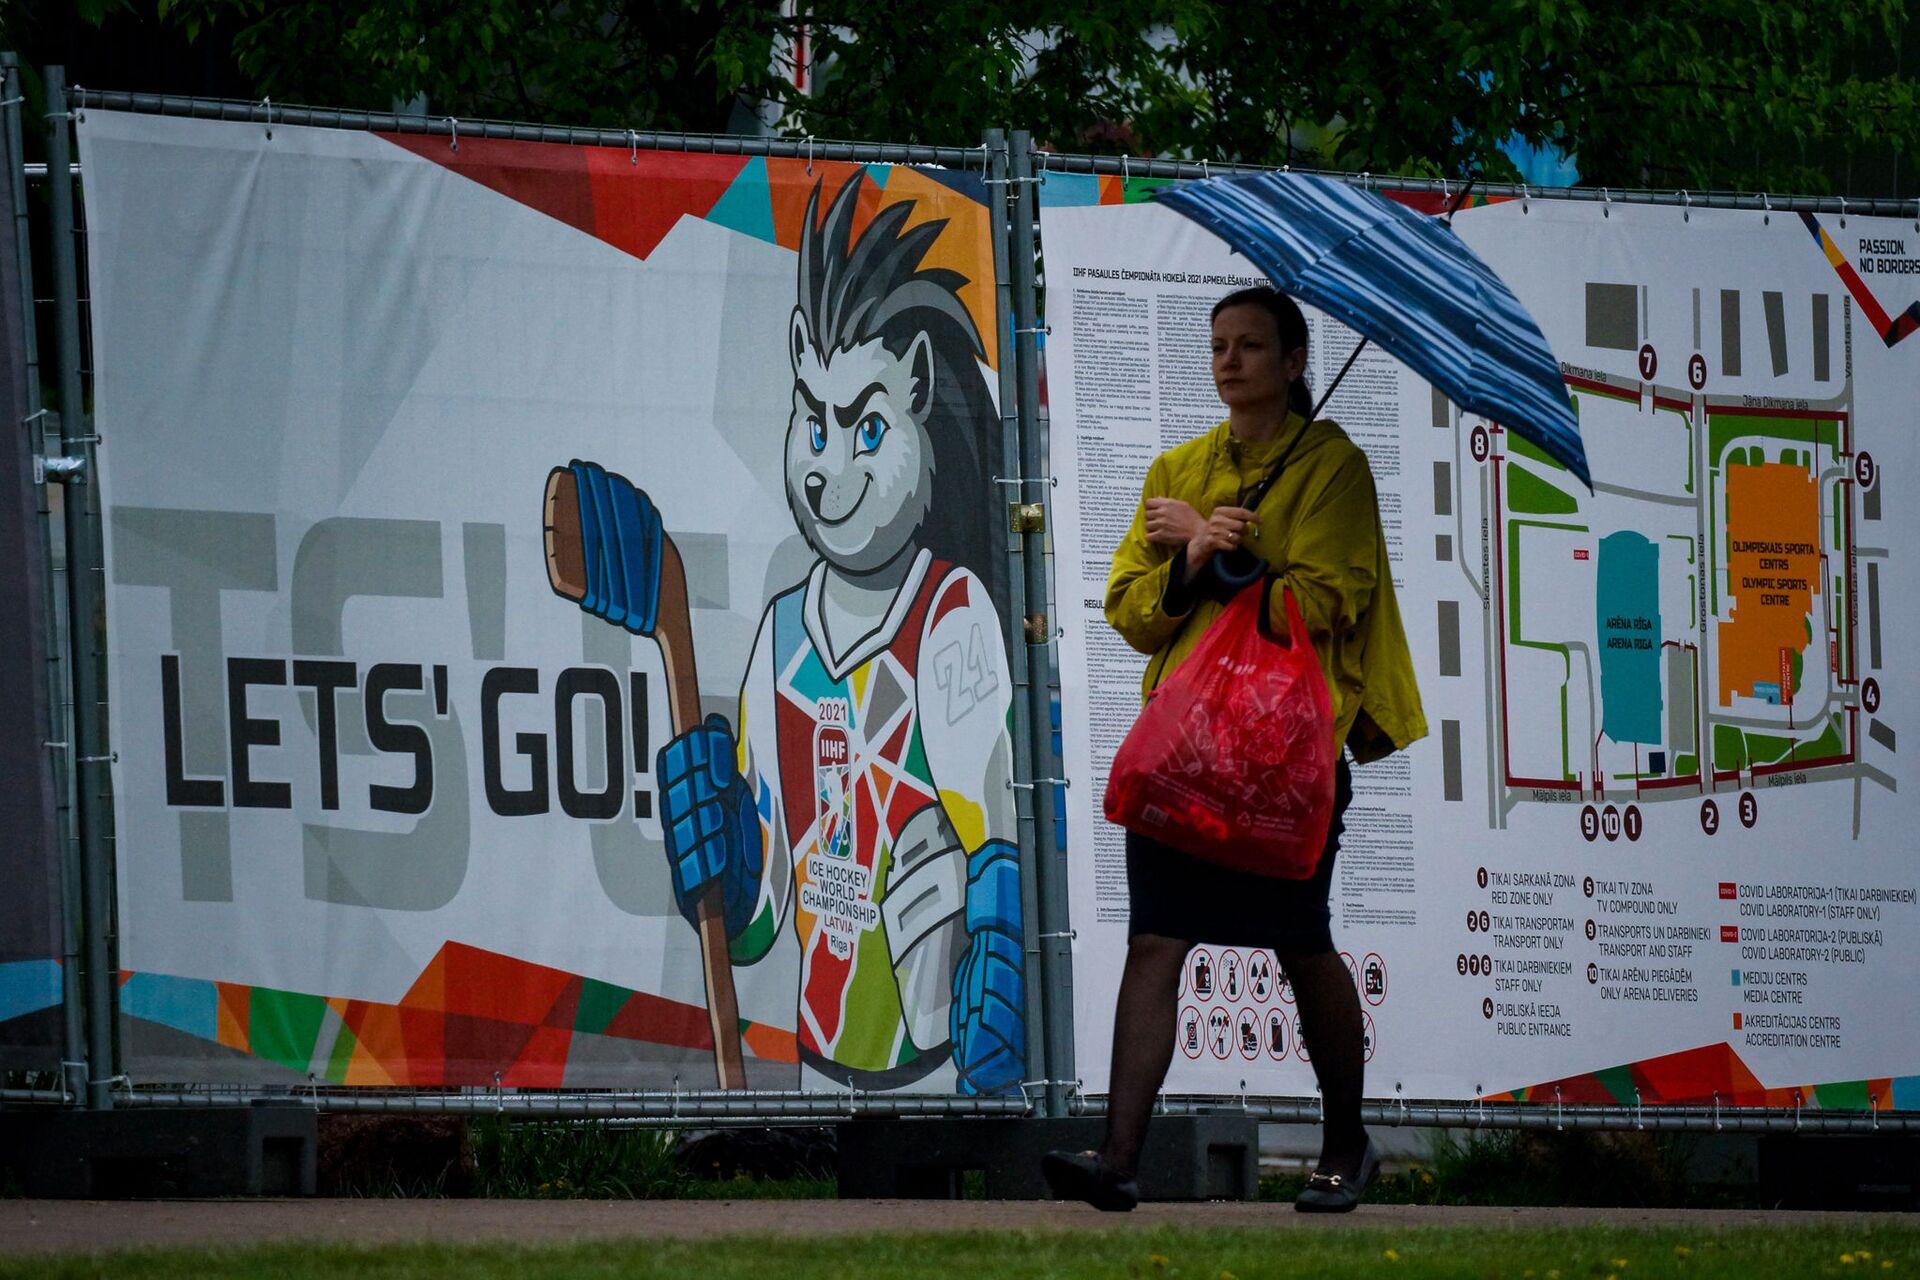 Информационный плакат  на заборе вокруг пузыря где пройдет Чемпионат мира - 2021 по хоккею в Риге - Sputnik Латвия, 1920, 01.06.2021